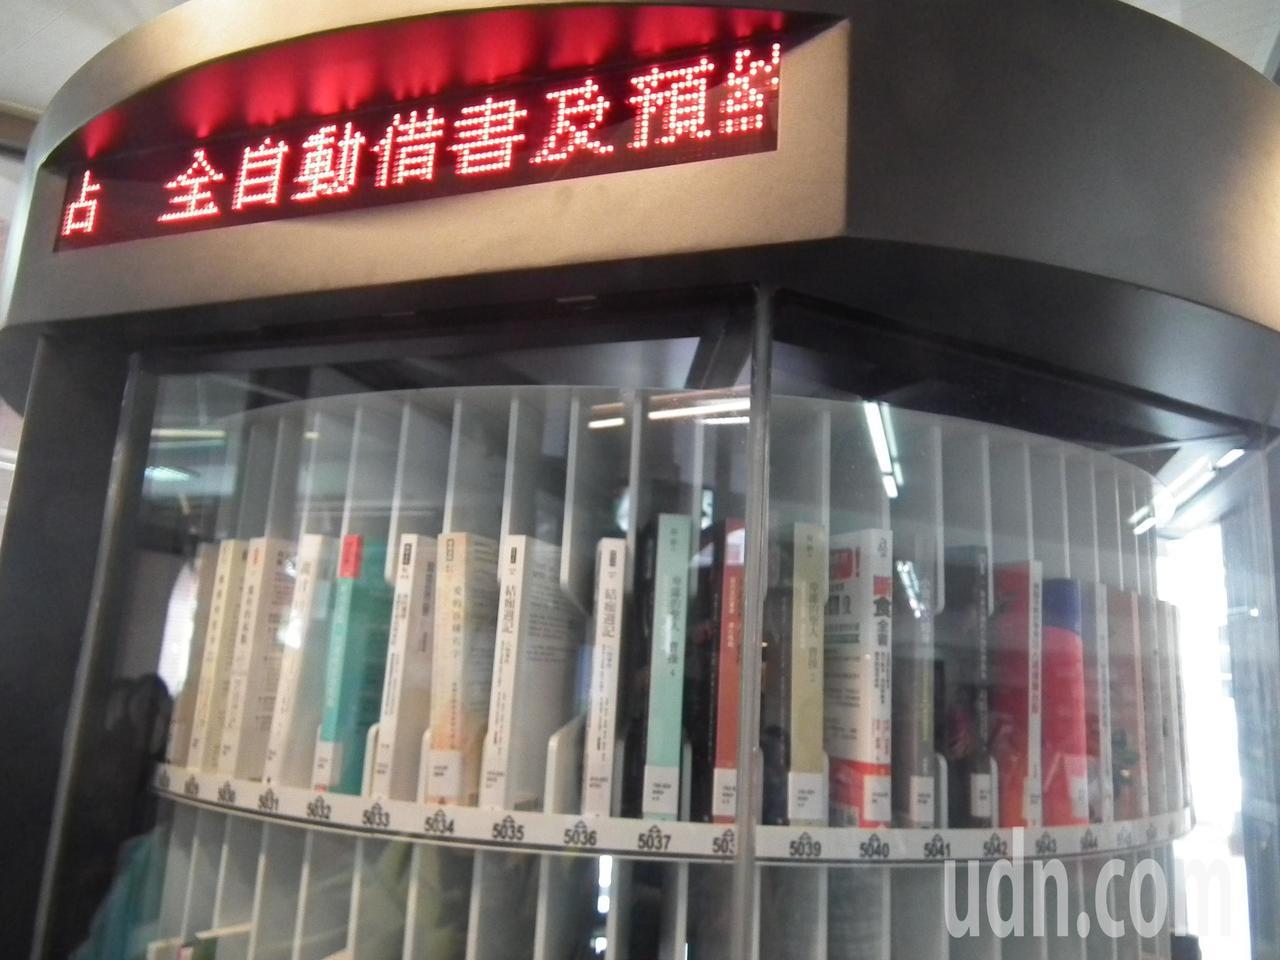 24小時自助取書系統機台外觀就像是一台圓轉型販賣機般,機器內有400本藏書介紹。...